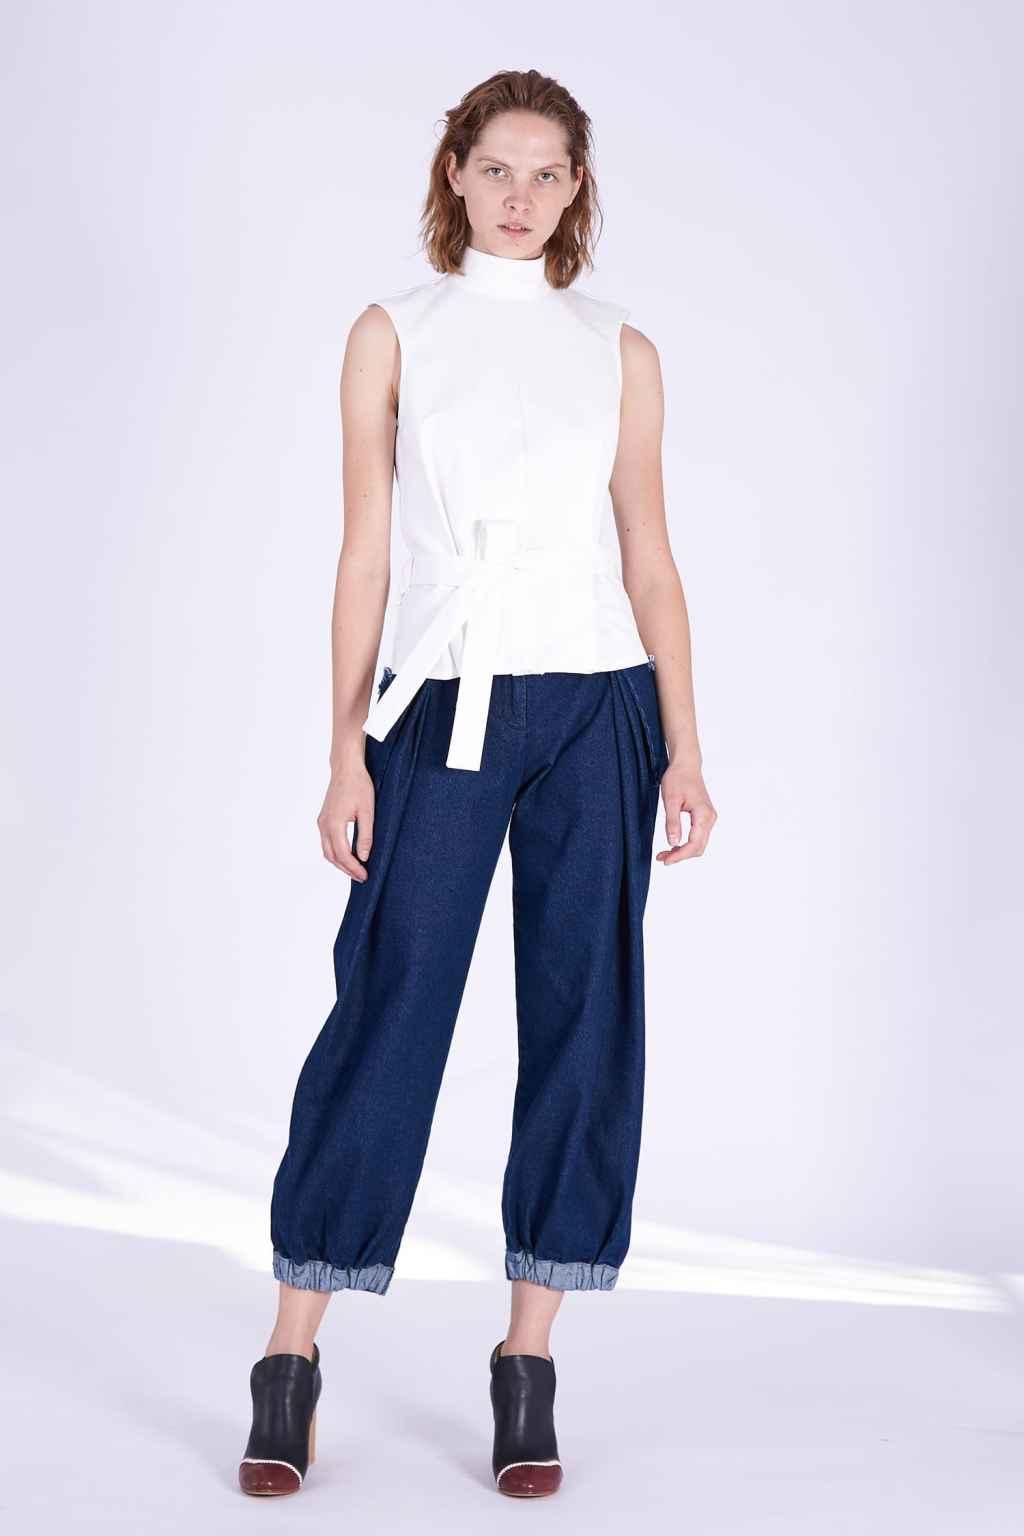 Acephala AW2018-19 Dark Blue Jeans // Spodnie Jeansy Ciemny Niebieski